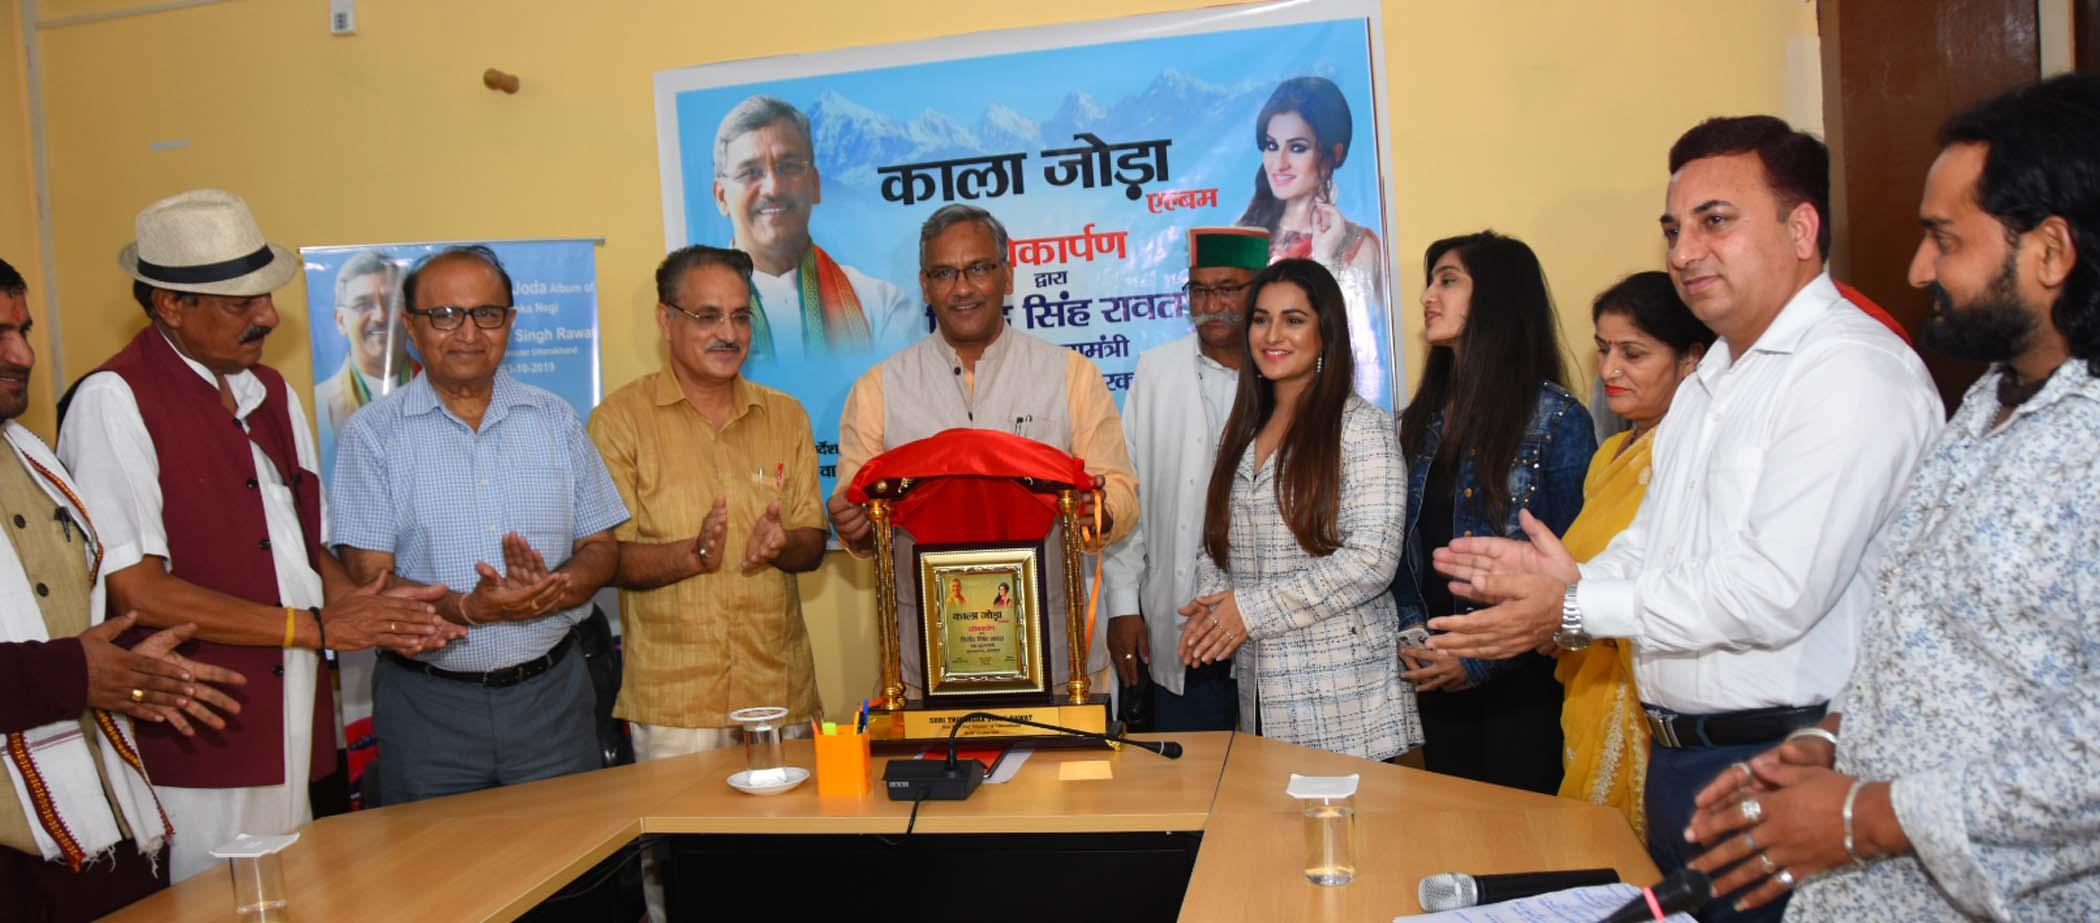 संस्कृति एवं समाज को जोड़ने का भी कार्य करता है संगीत- त्रिवेंद्र सिंह रावत